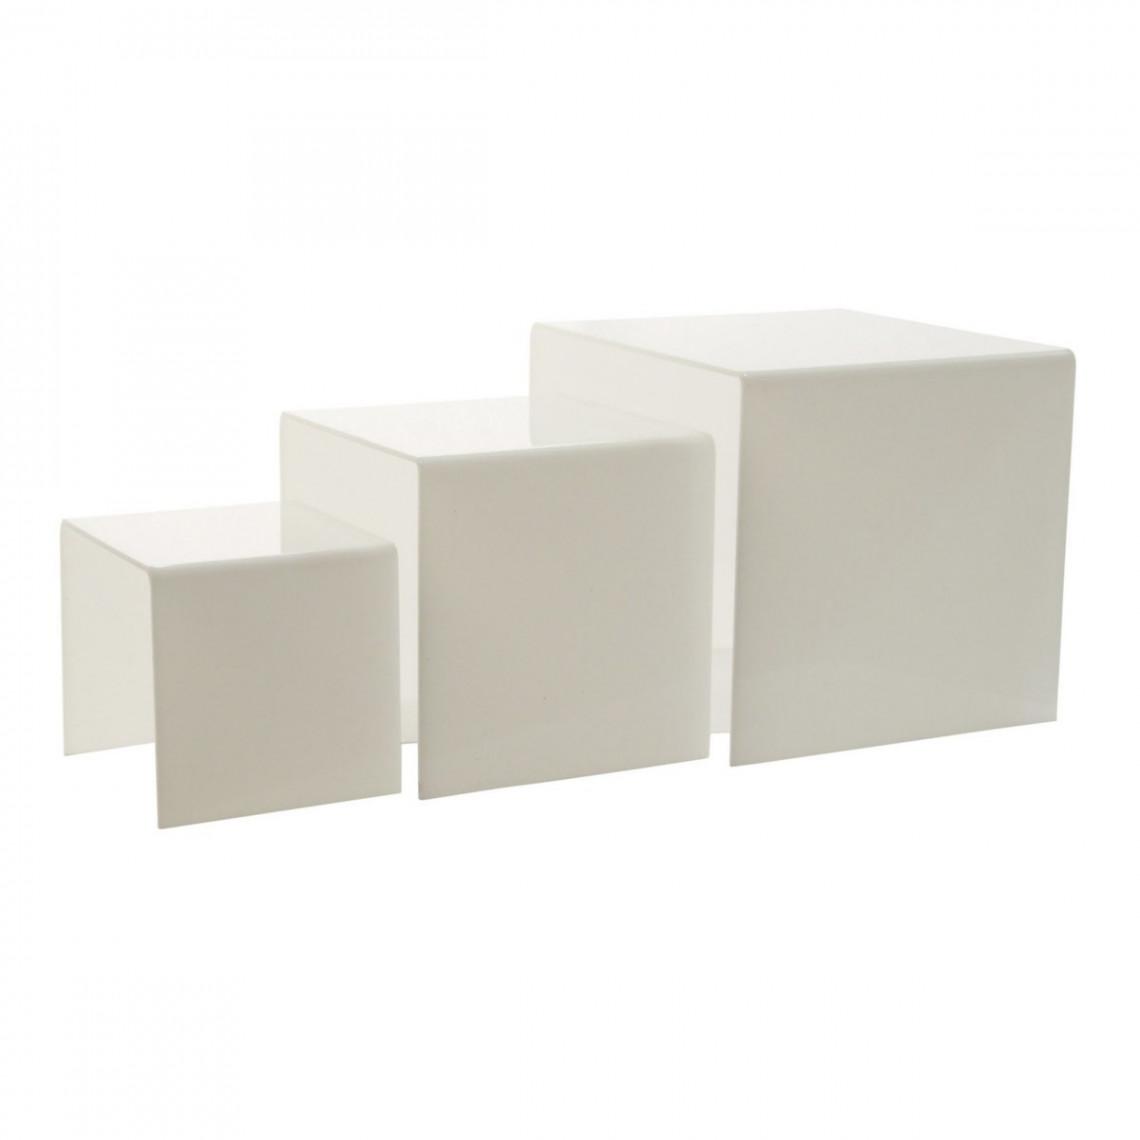 Kit gigogne plexi Dita blanc (3 éléments)